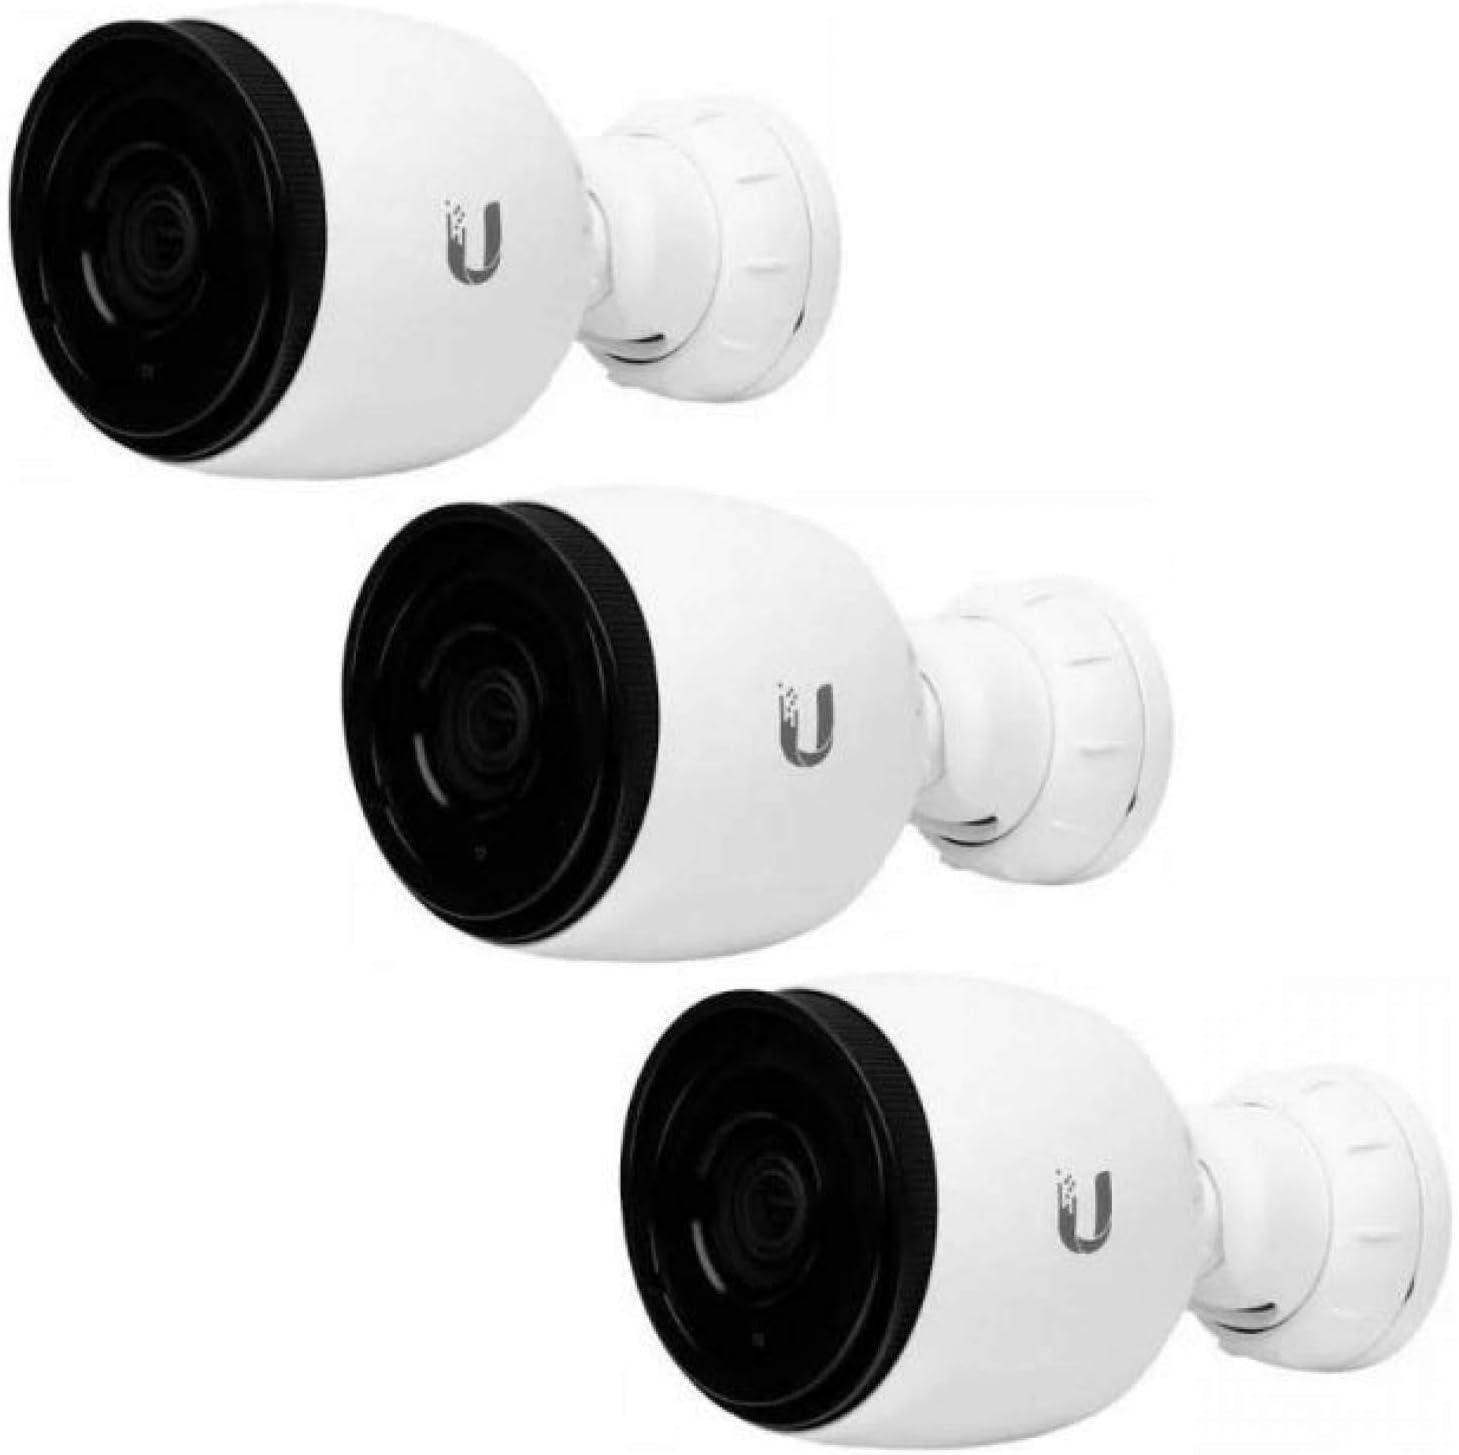 Ubiquiti Unifi Video Camera Uvc G3 Pro 3er Pack Ohne Camera Photo